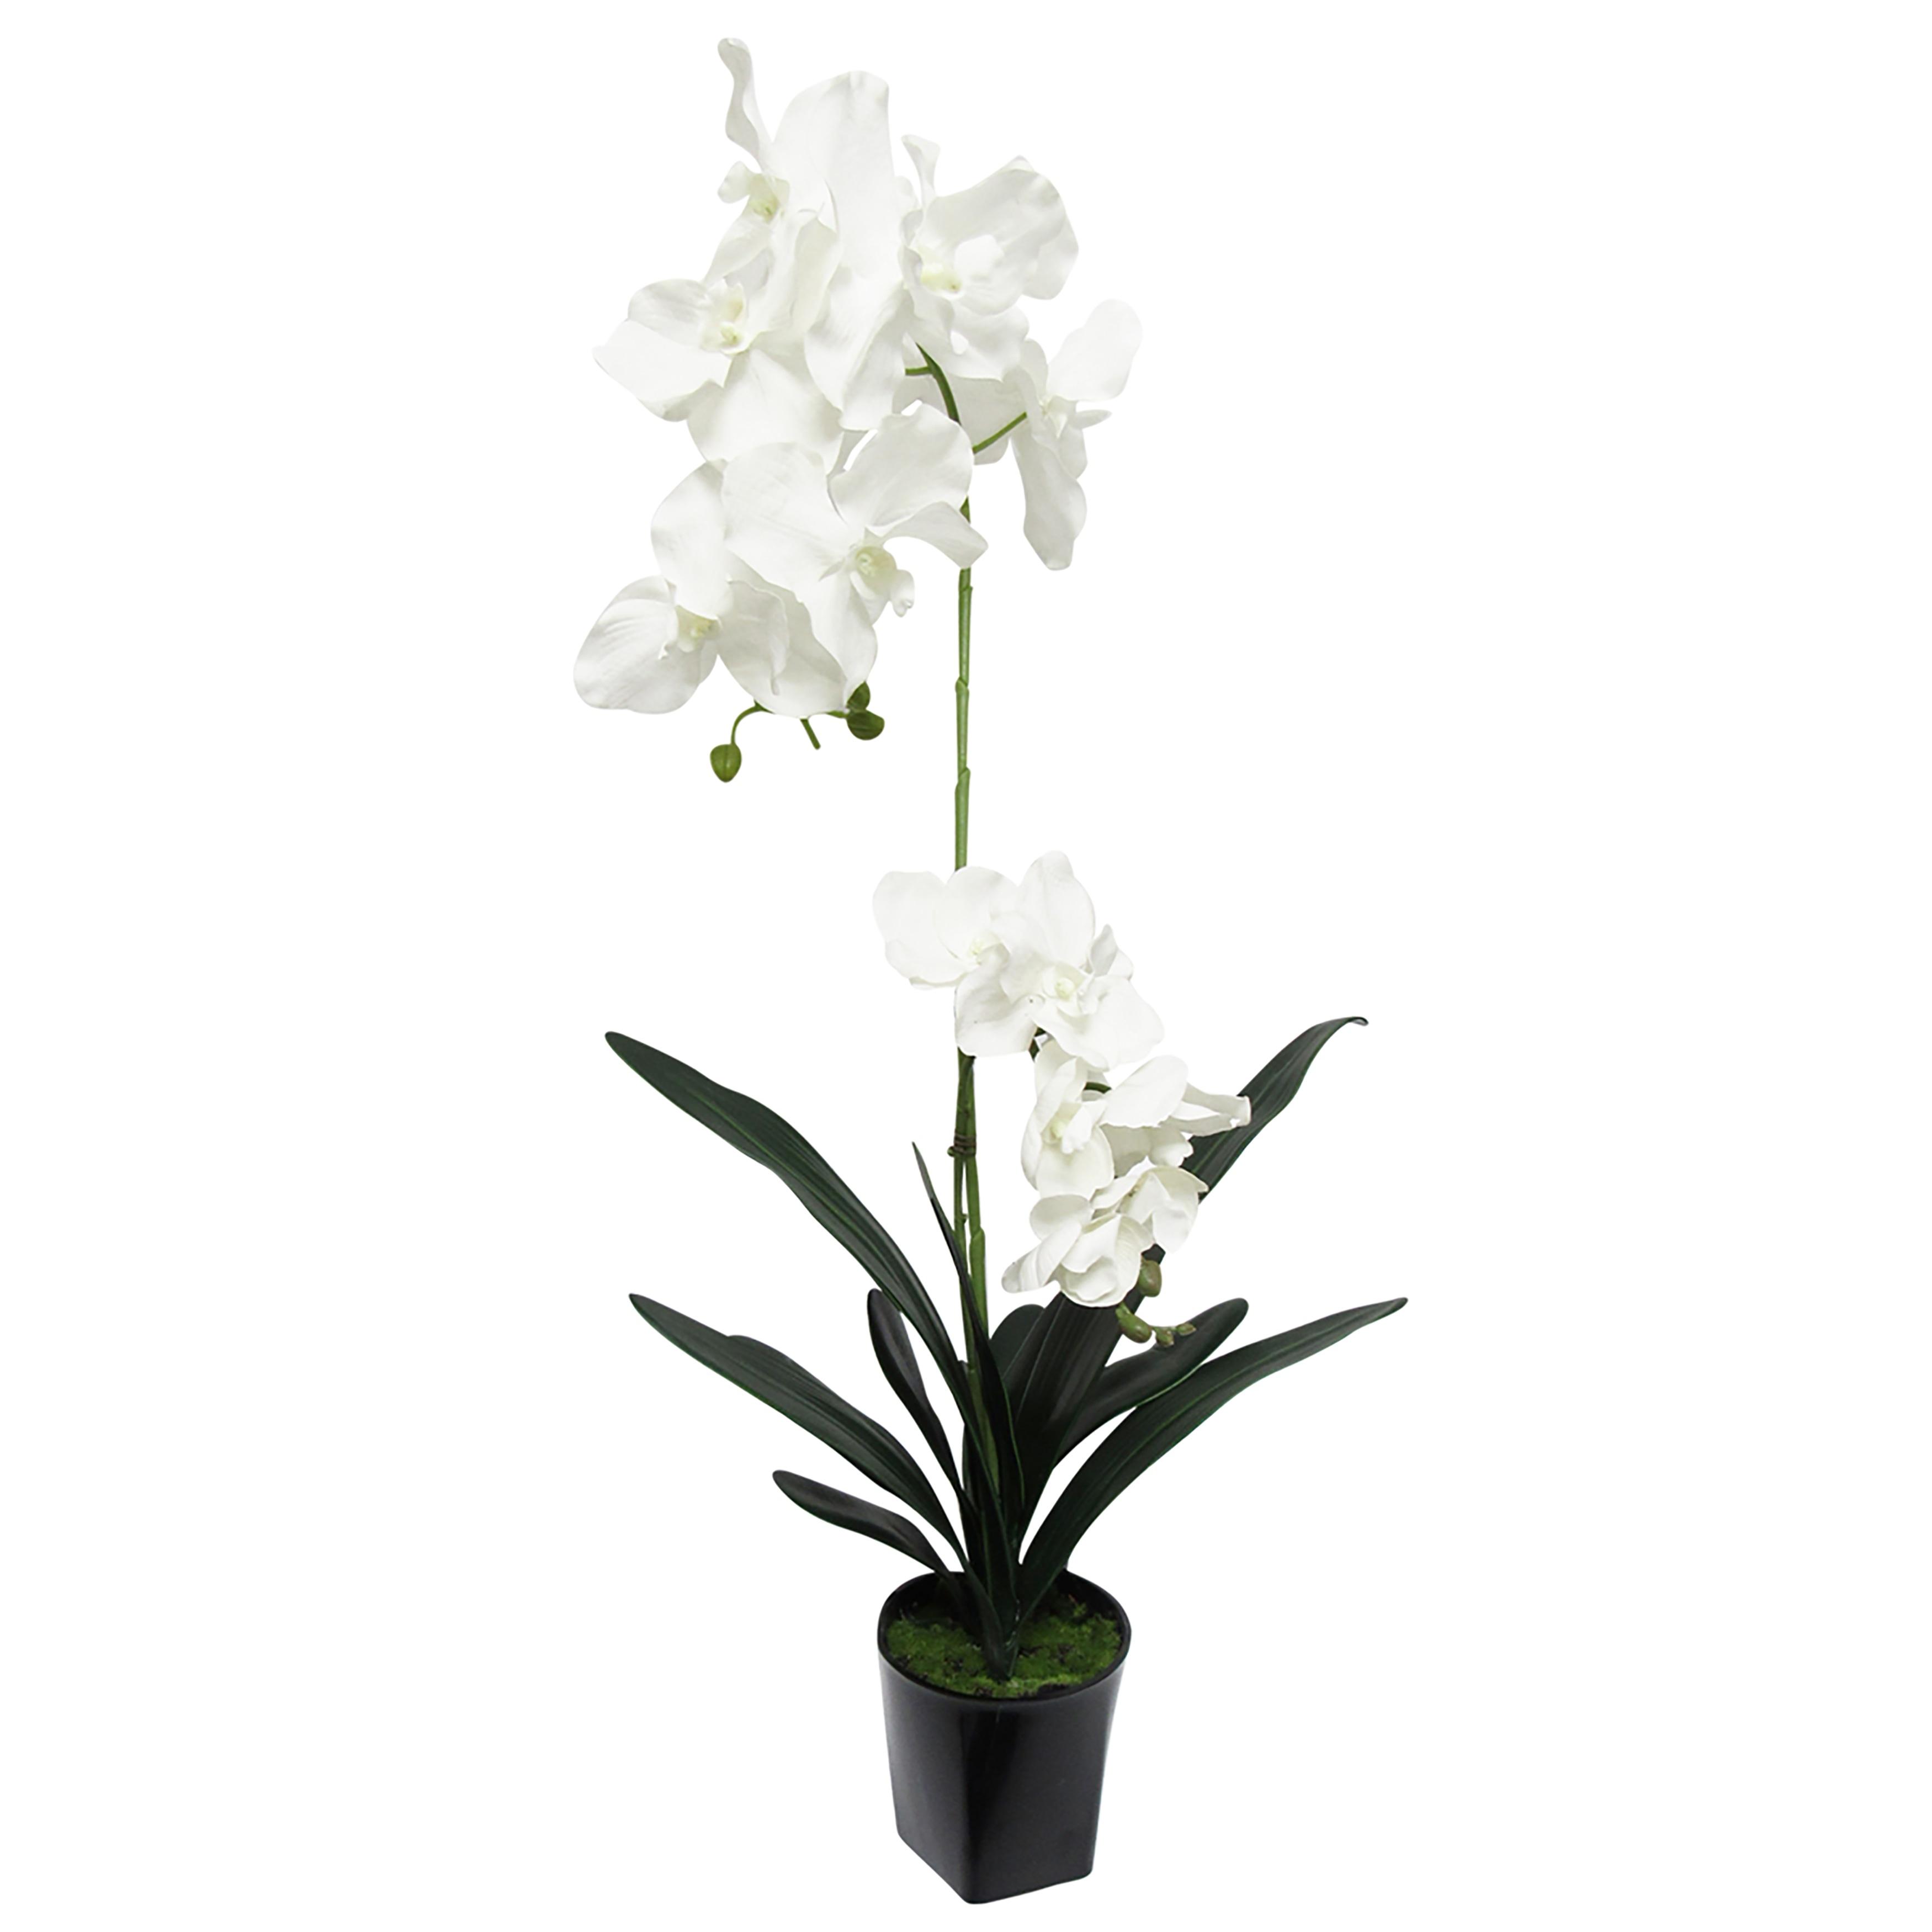 Vanda Orchid Flower Arrangement In Pot 31in Overstock 32022843 31 H X 15 W X 14 Dp White